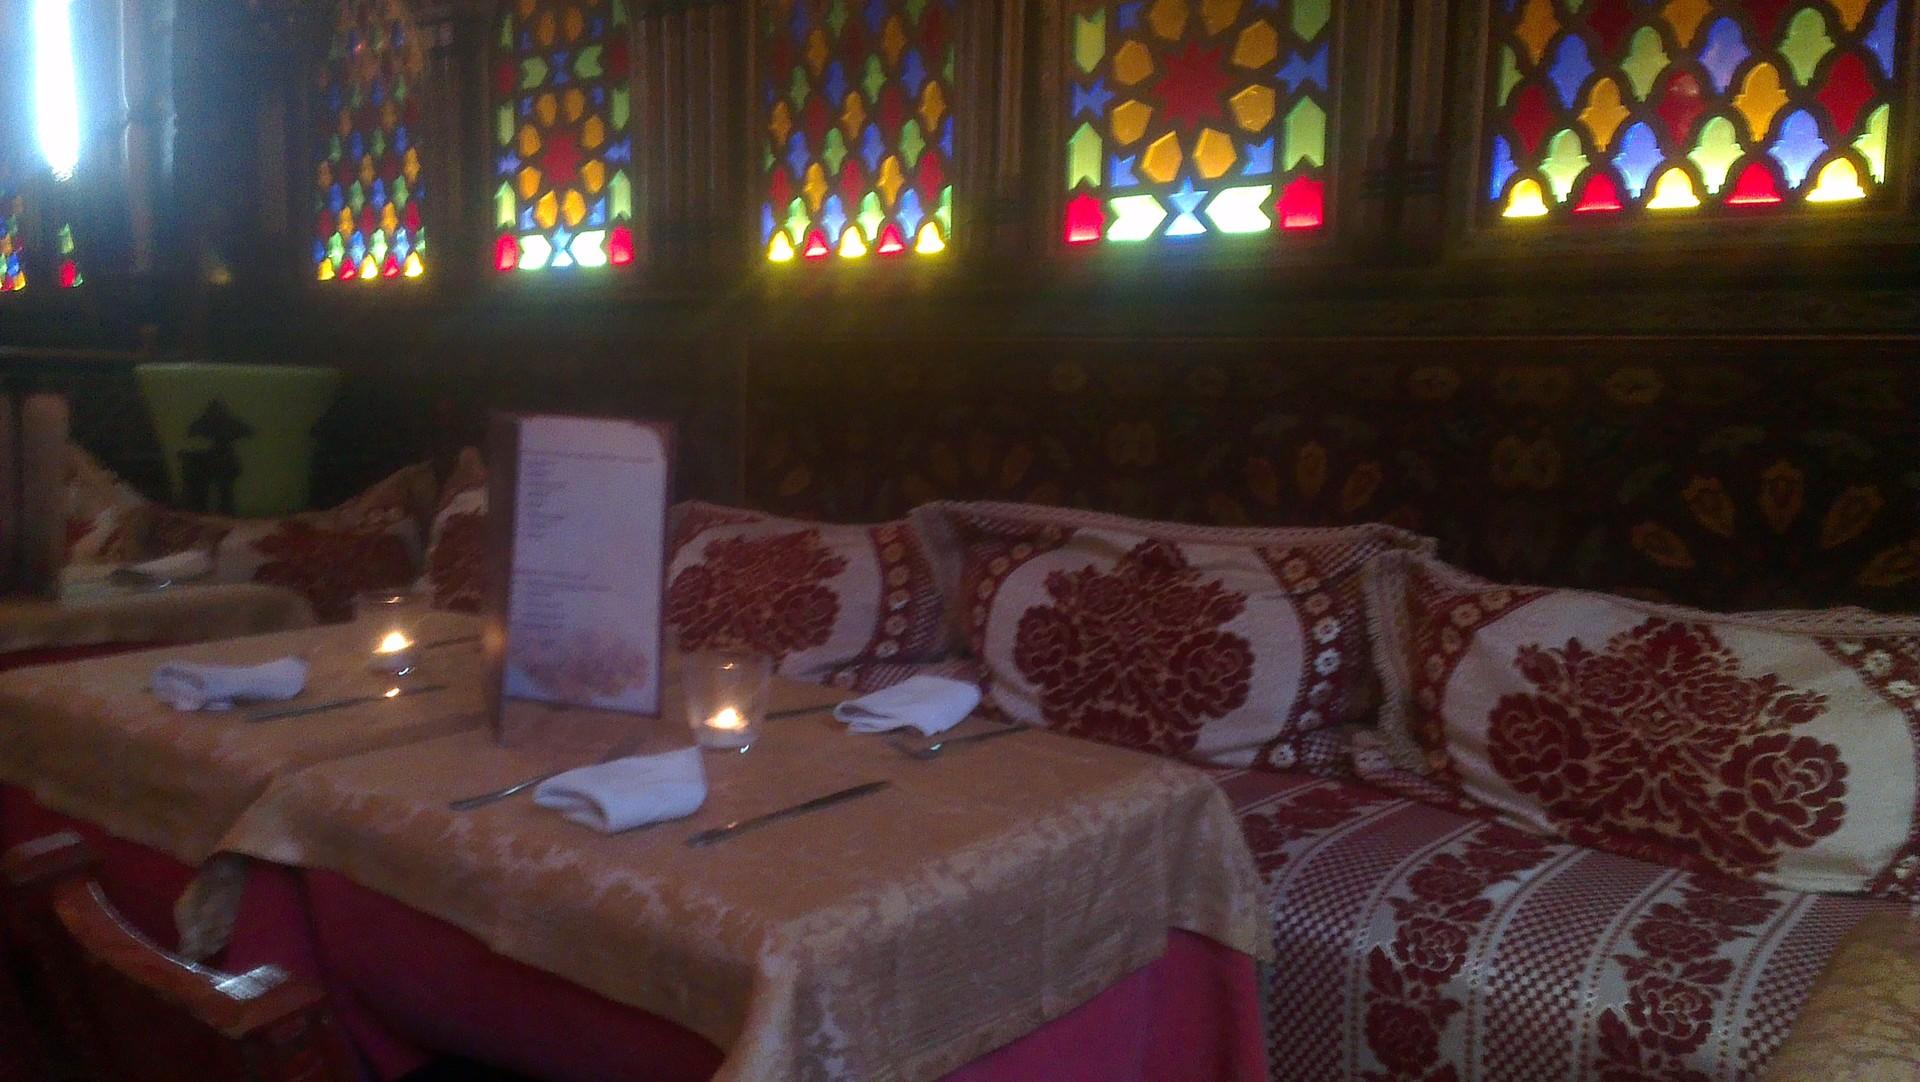 cuisine-marocaine-a-grenade-ee65ce4c8917